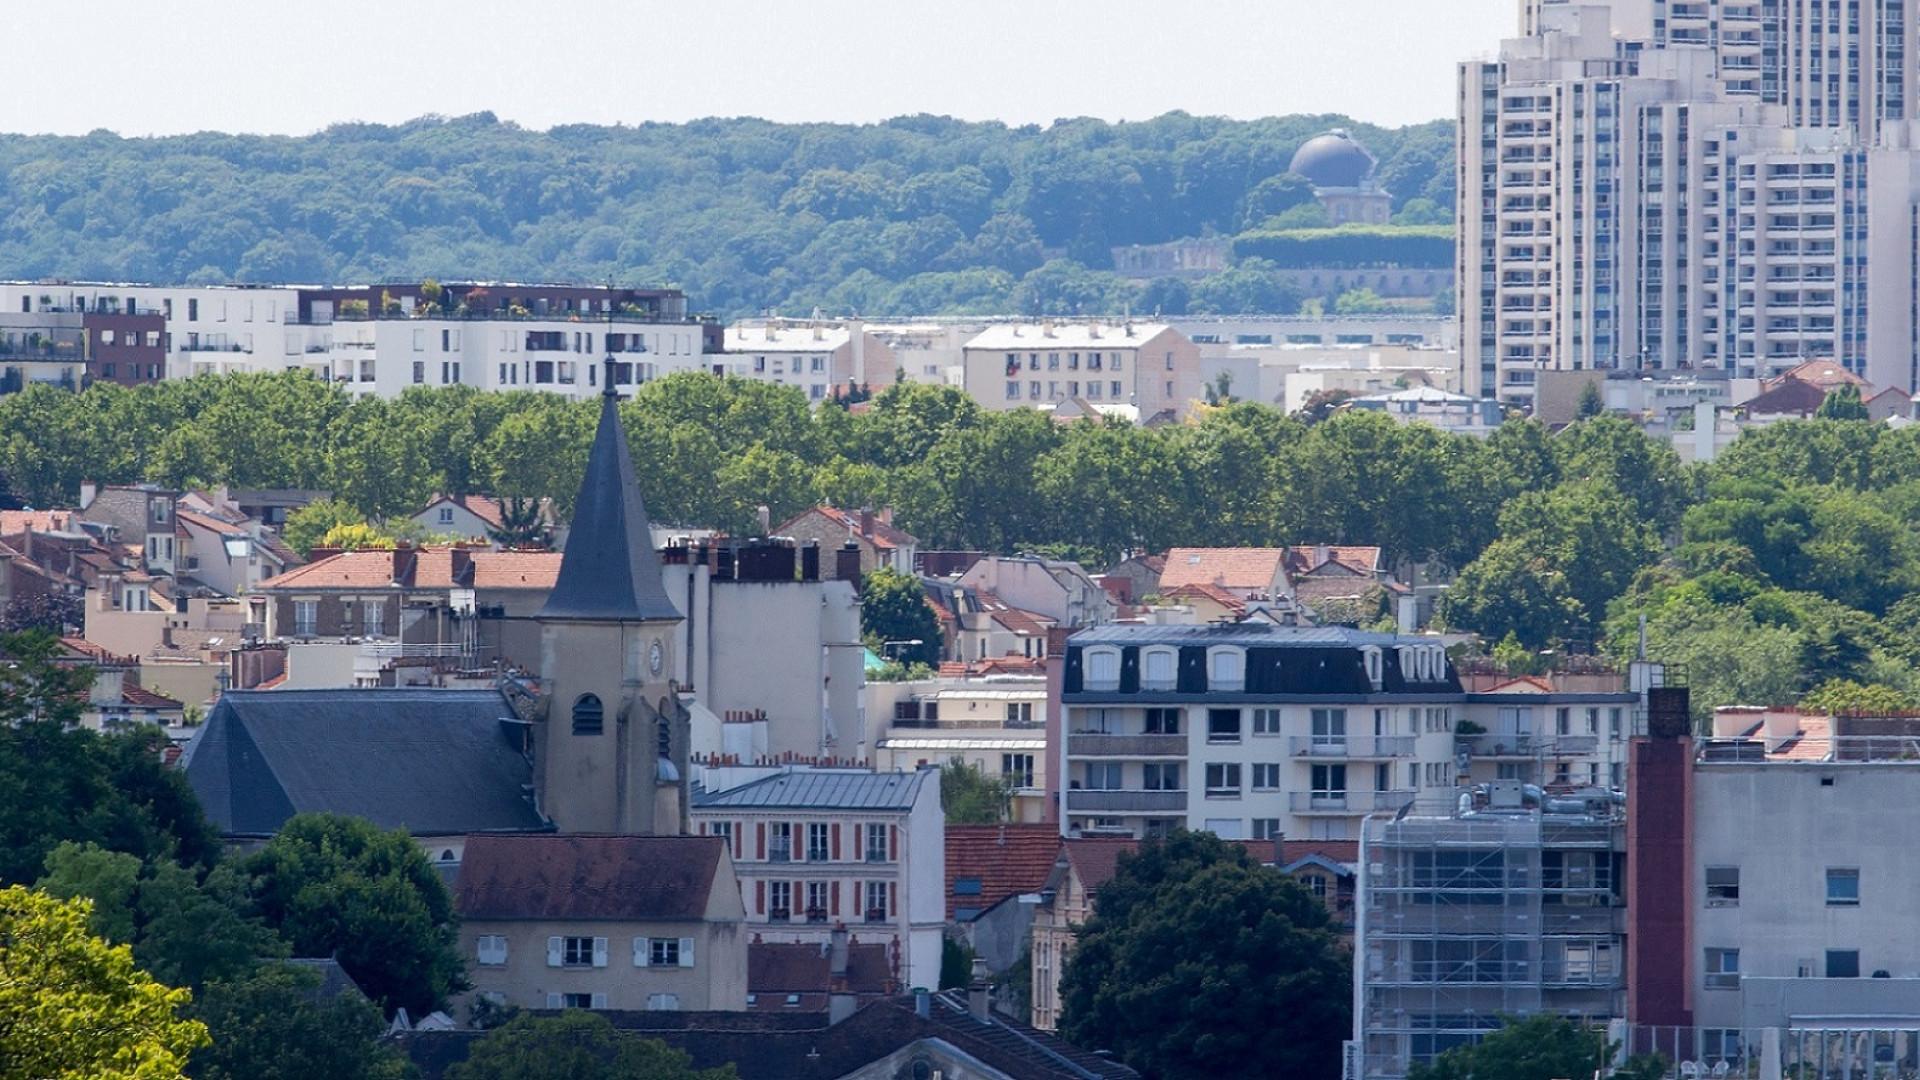 Remplacement de fenêtres à Issy-les-Moulineaux